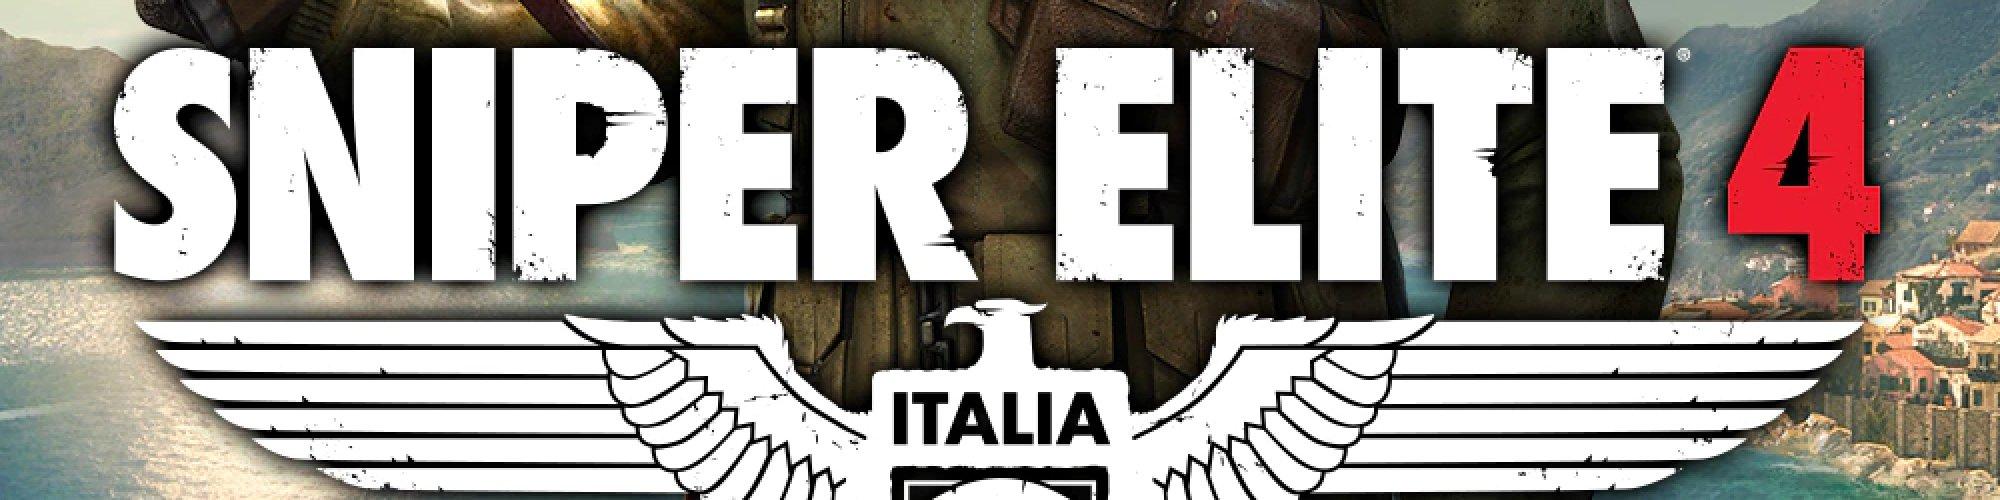 Sniper Elite 4 banner